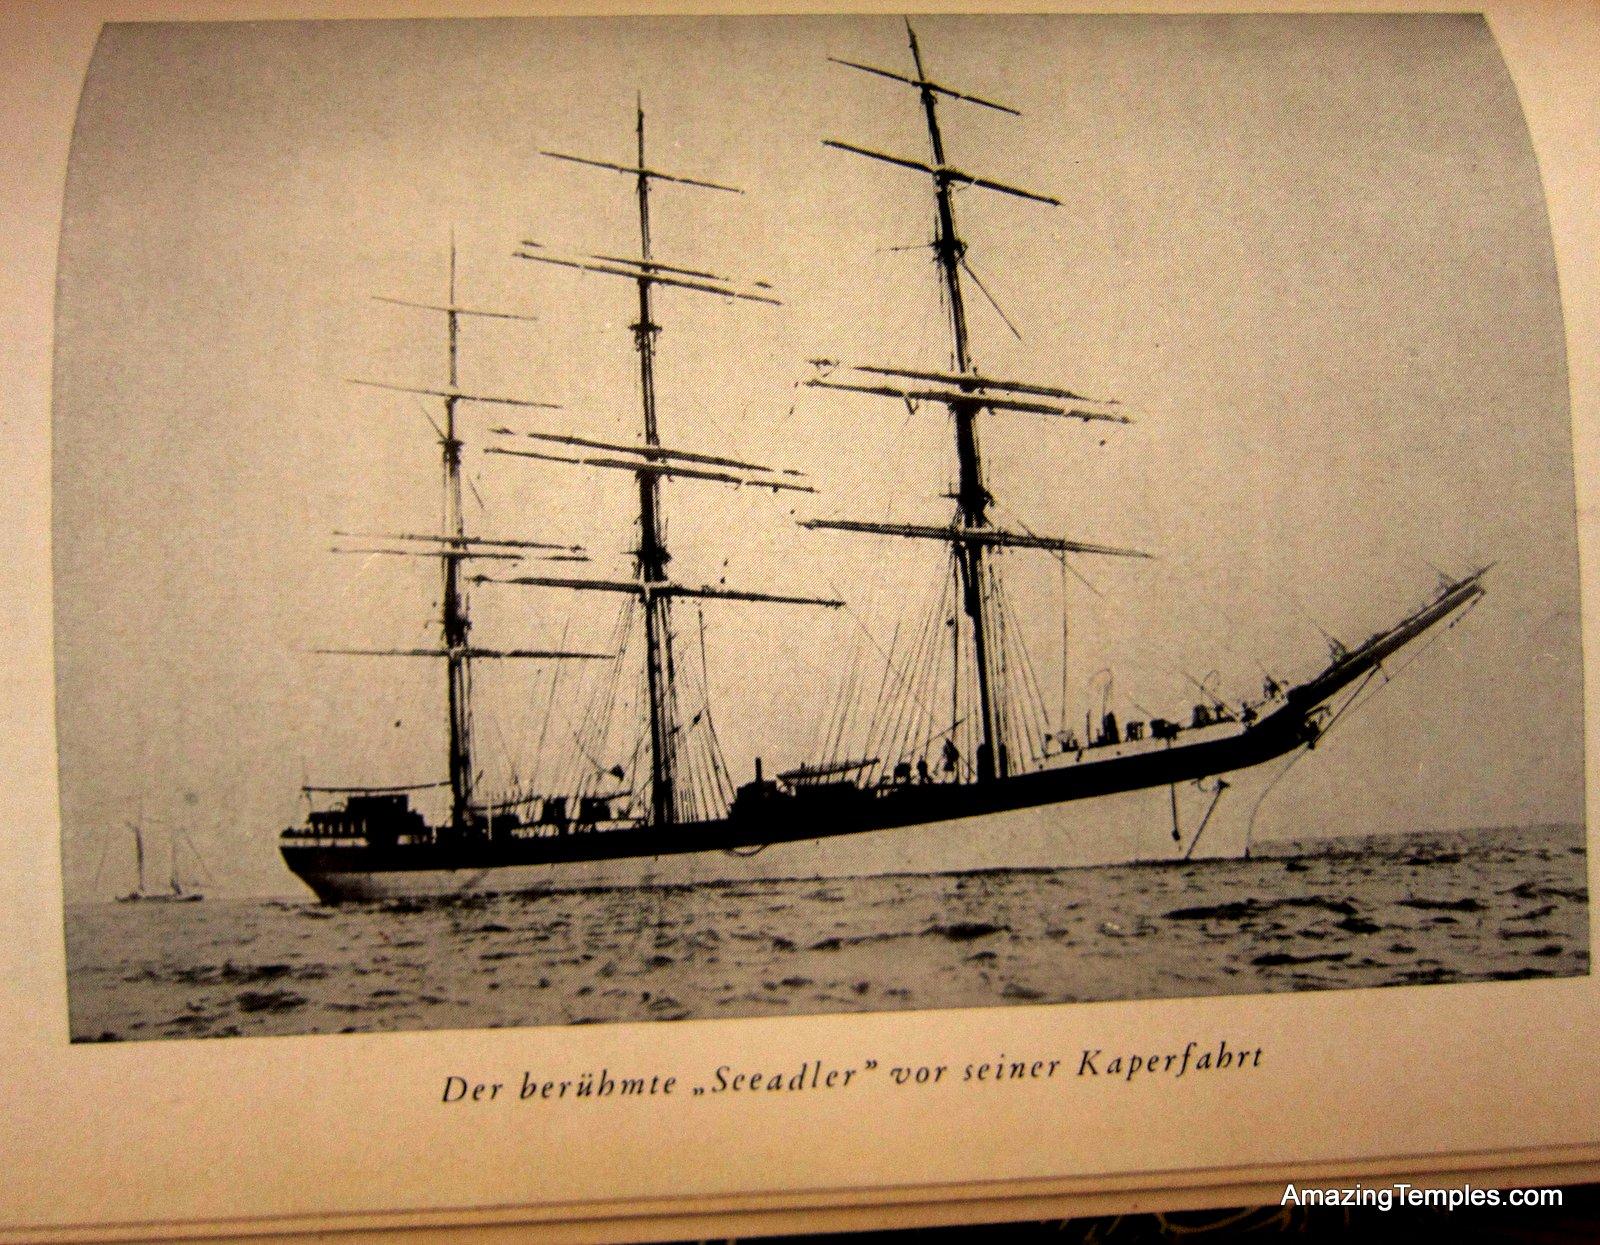 SMS Seeadler - v. Luckner